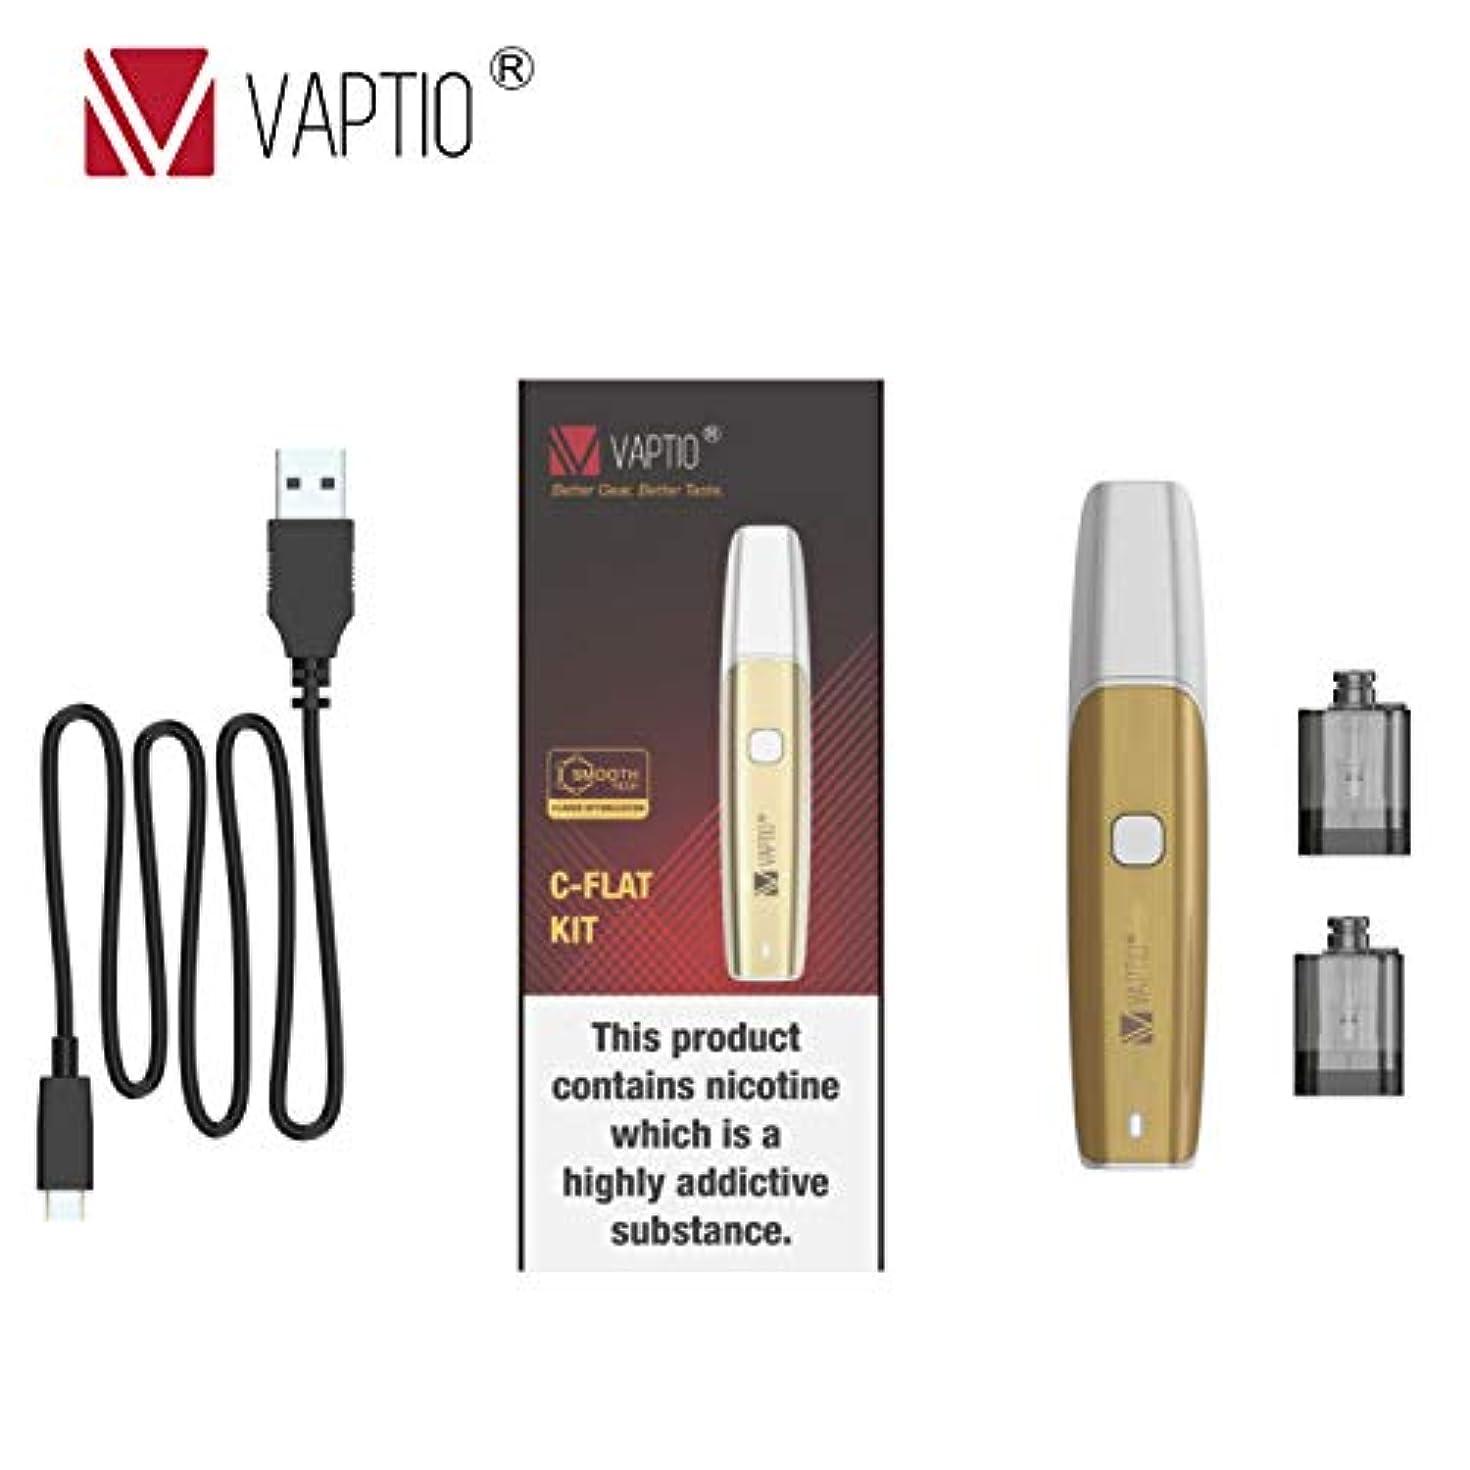 女優質素な彼らは電子タバコ pod kit Vaptio C Flat 電子タバコスターターキット 350mAh 15w 禁煙サポート急速充電 高性能 超小型Pod 初心者 携帯便利(白と金)